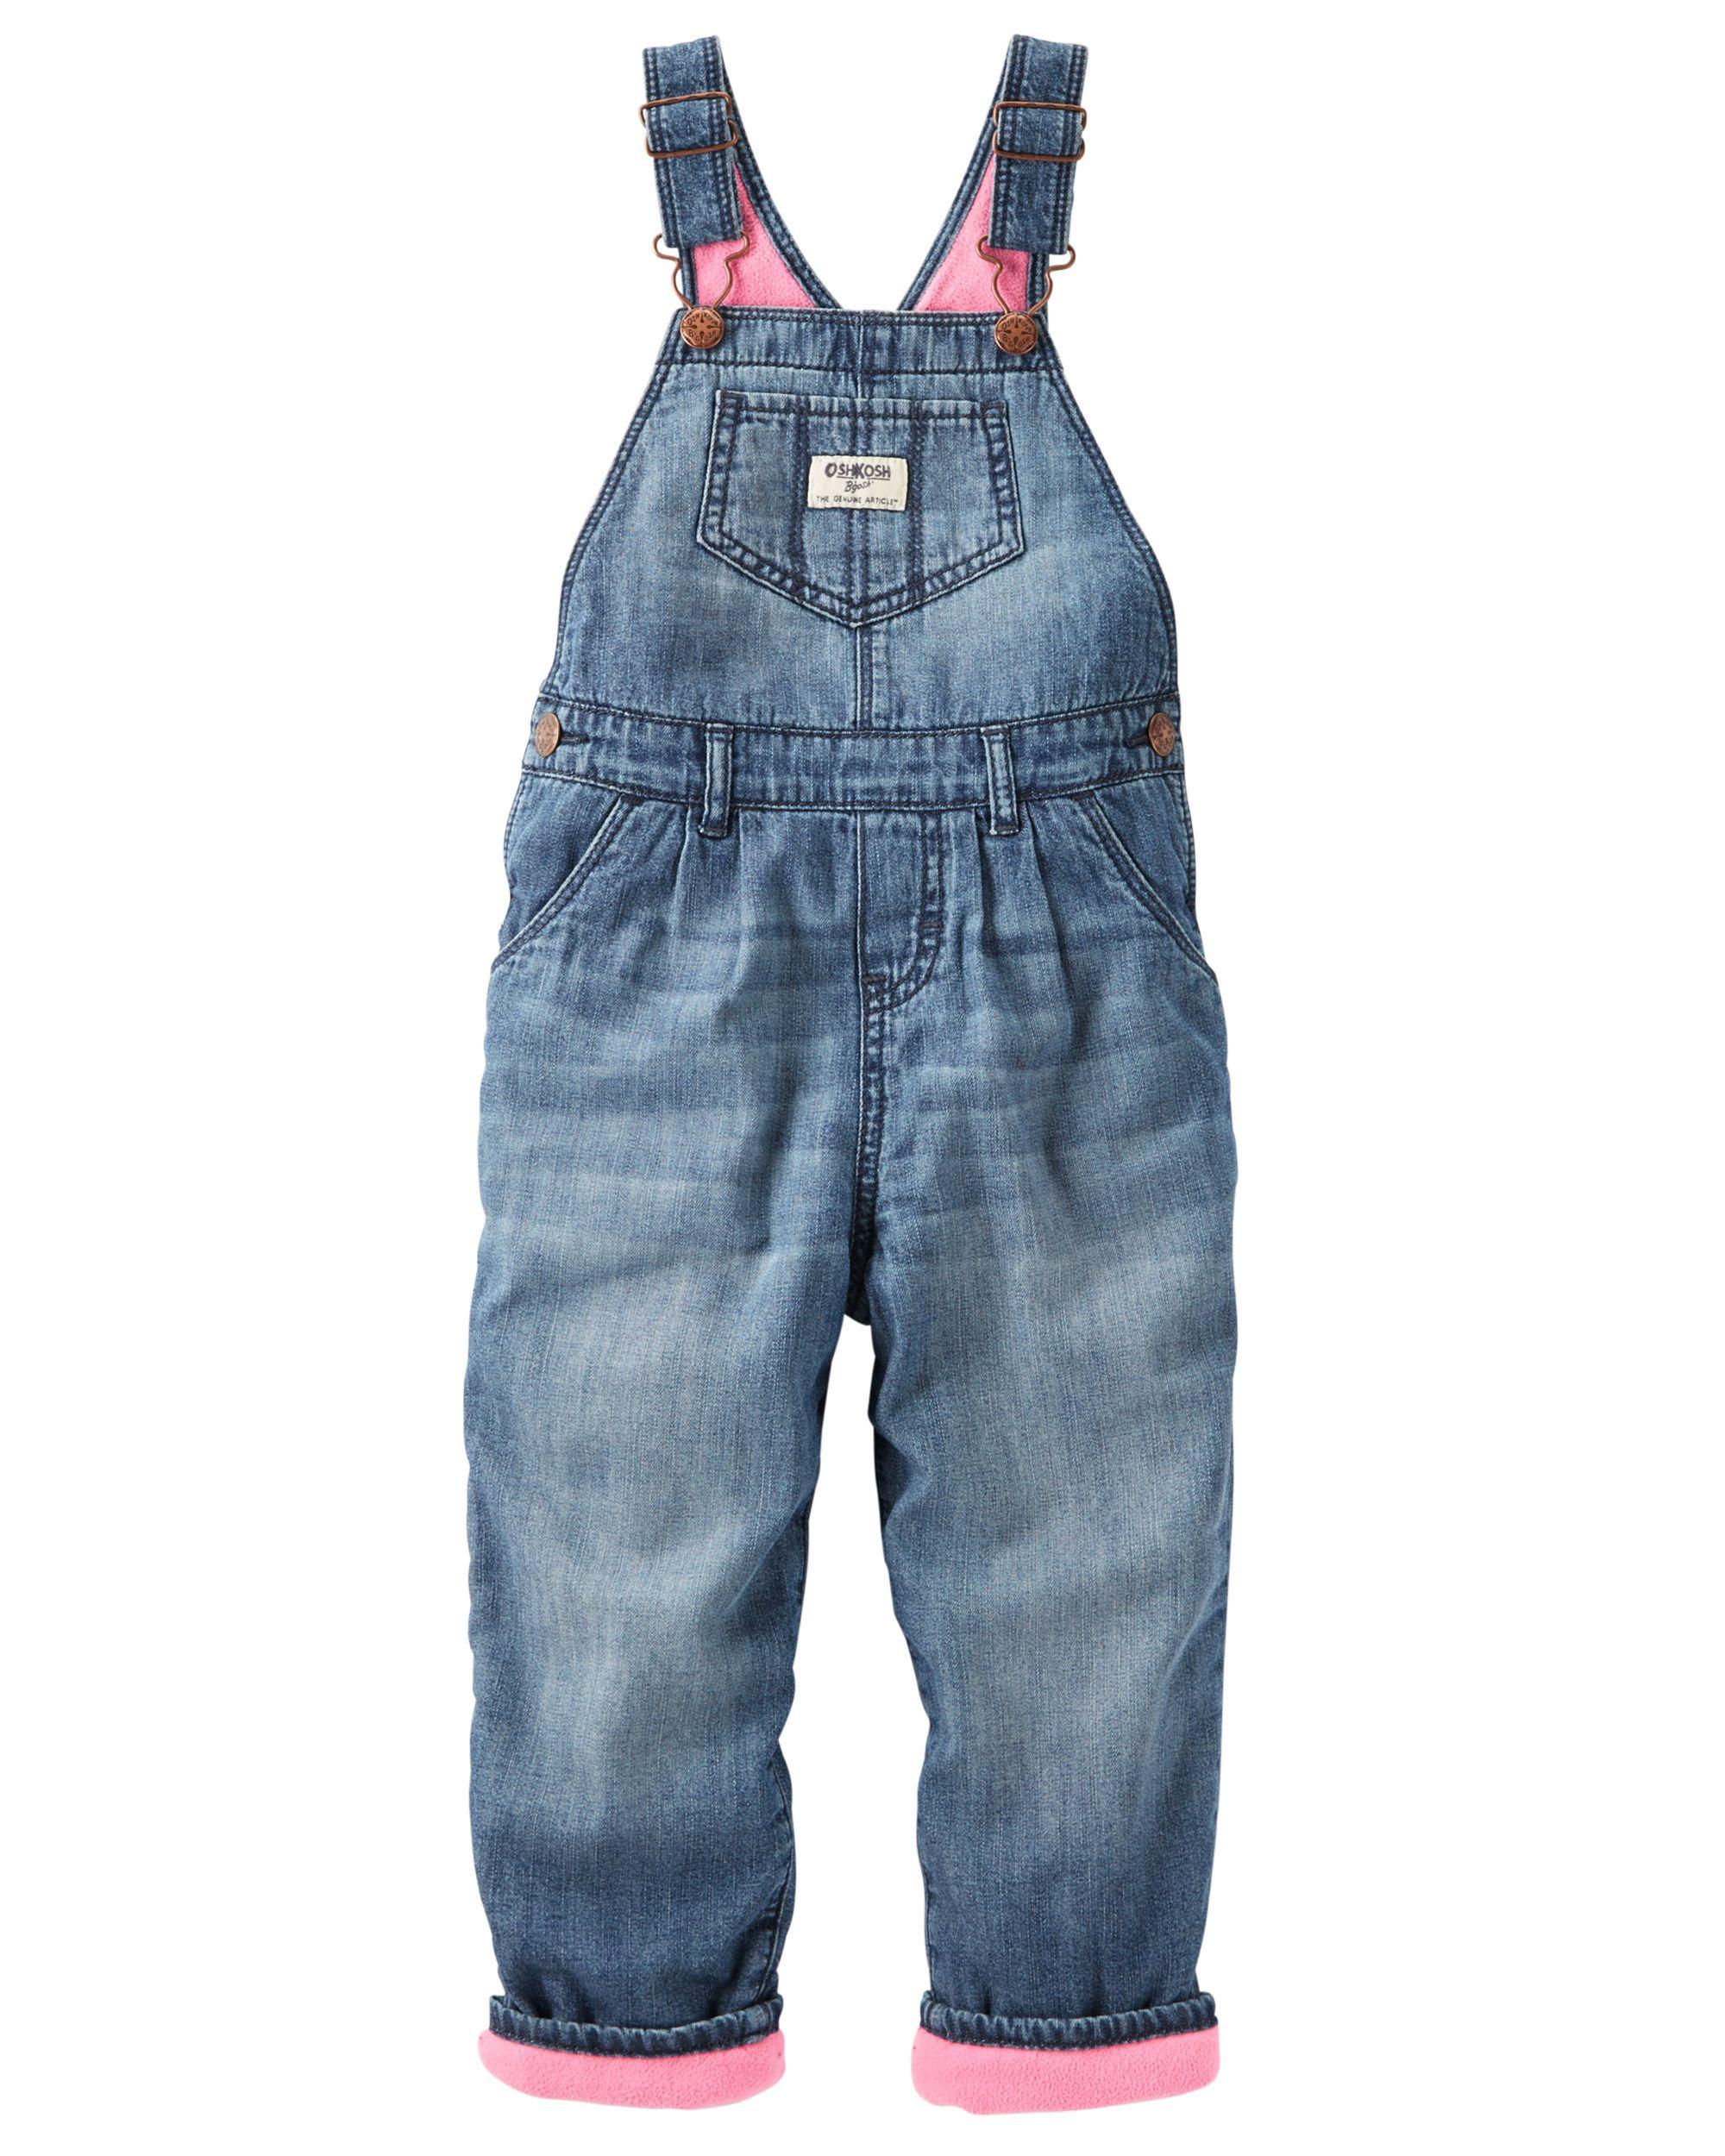 e075034b66df Baby Girl Fleece-Lined Denim Overalls - Ribbon Blue from OshKosh B ...